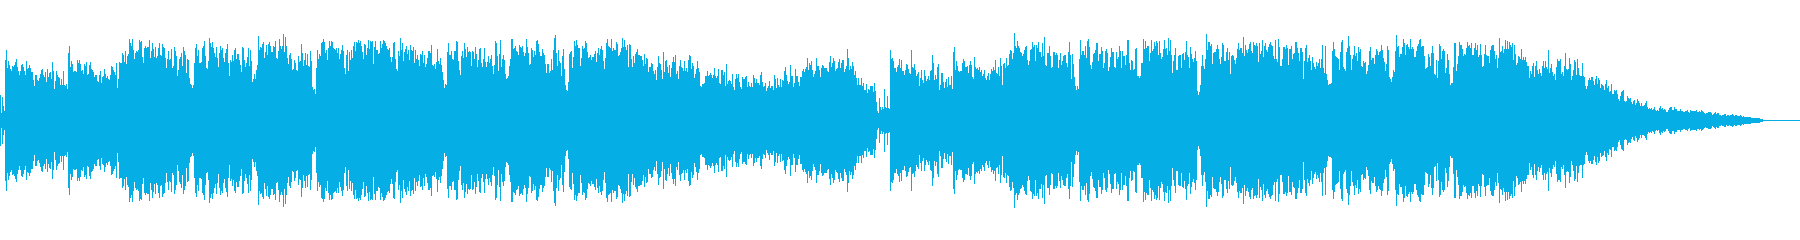 壮大で幻想的なインスト曲の再生済みの波形